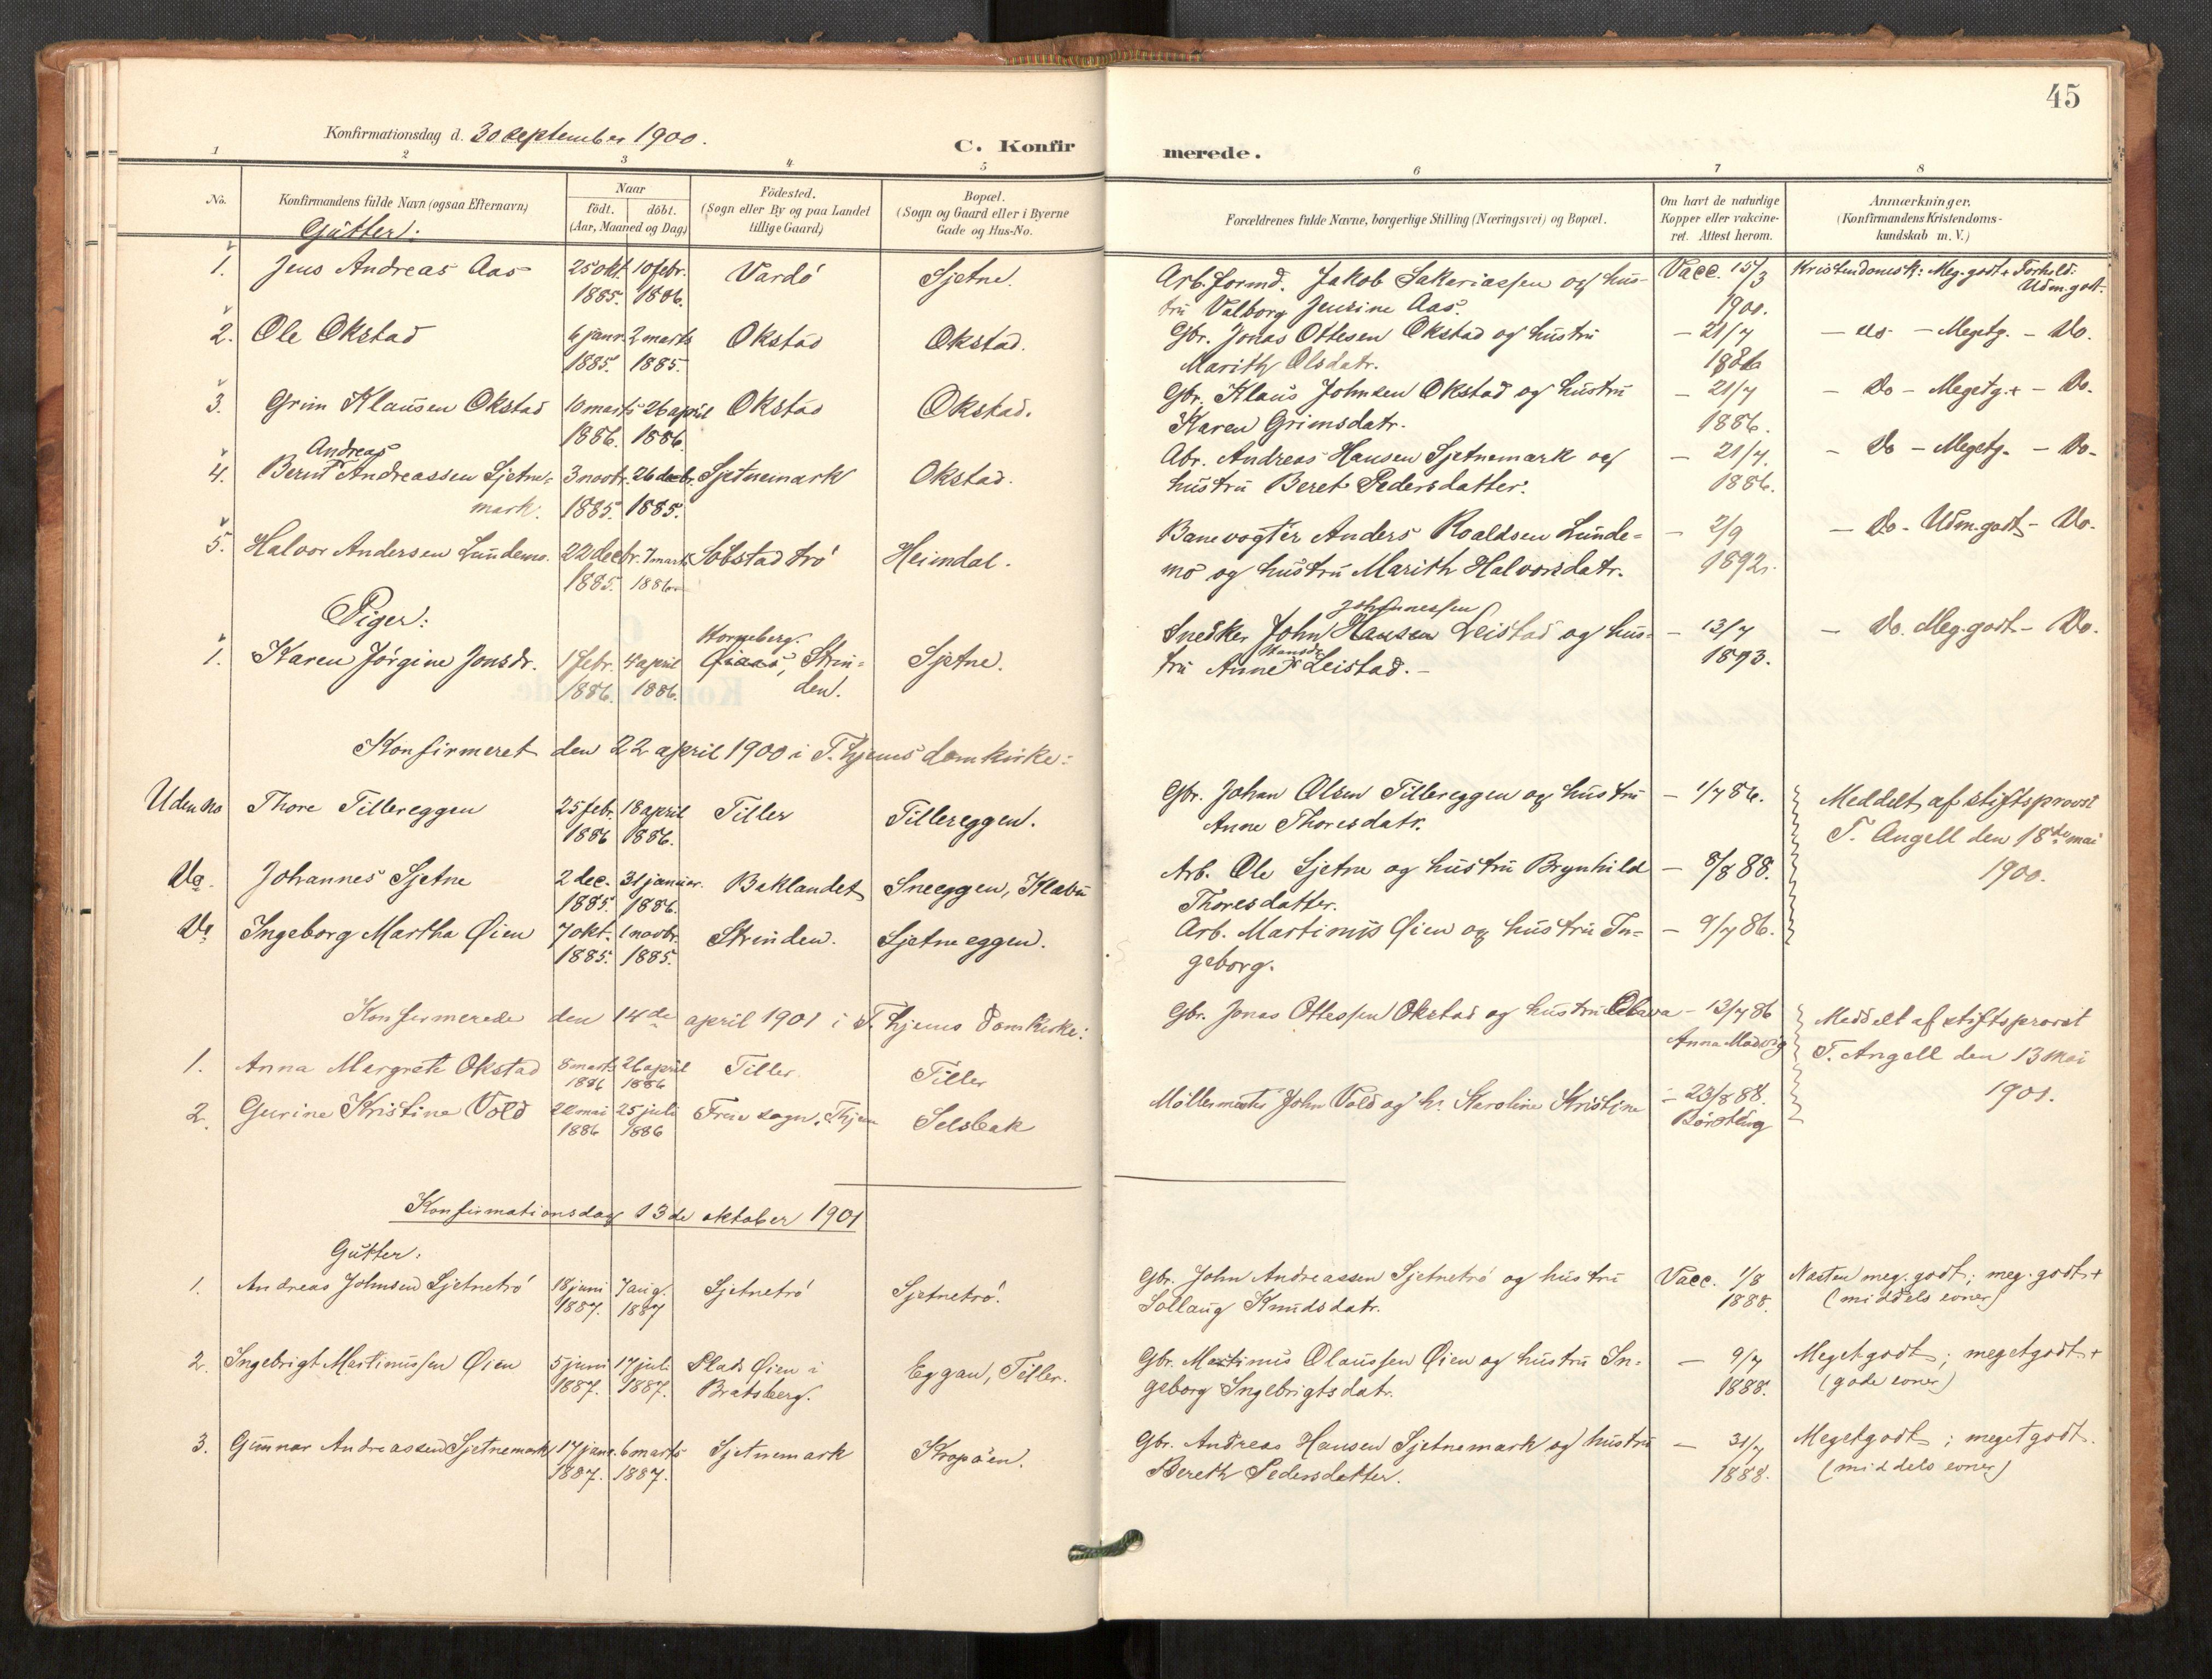 SAT, Klæbu sokneprestkontor, Parish register (official) no. 2, 1900-1916, p. 45